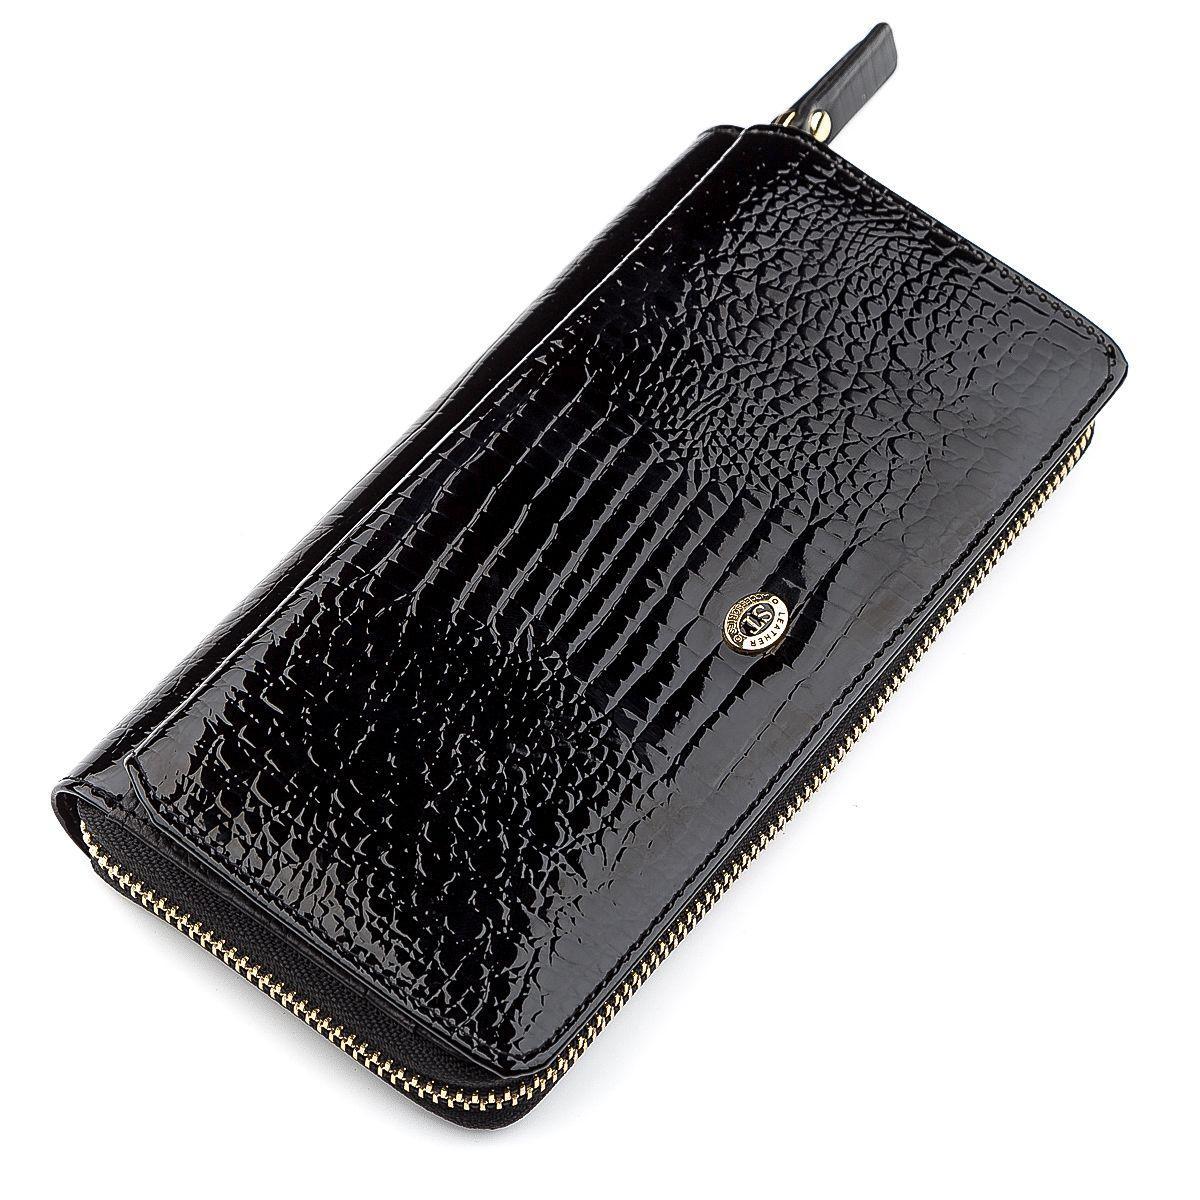 Кошелек женский ST Leather 18437 (S7001A) натуральная кожа Черный, Черный